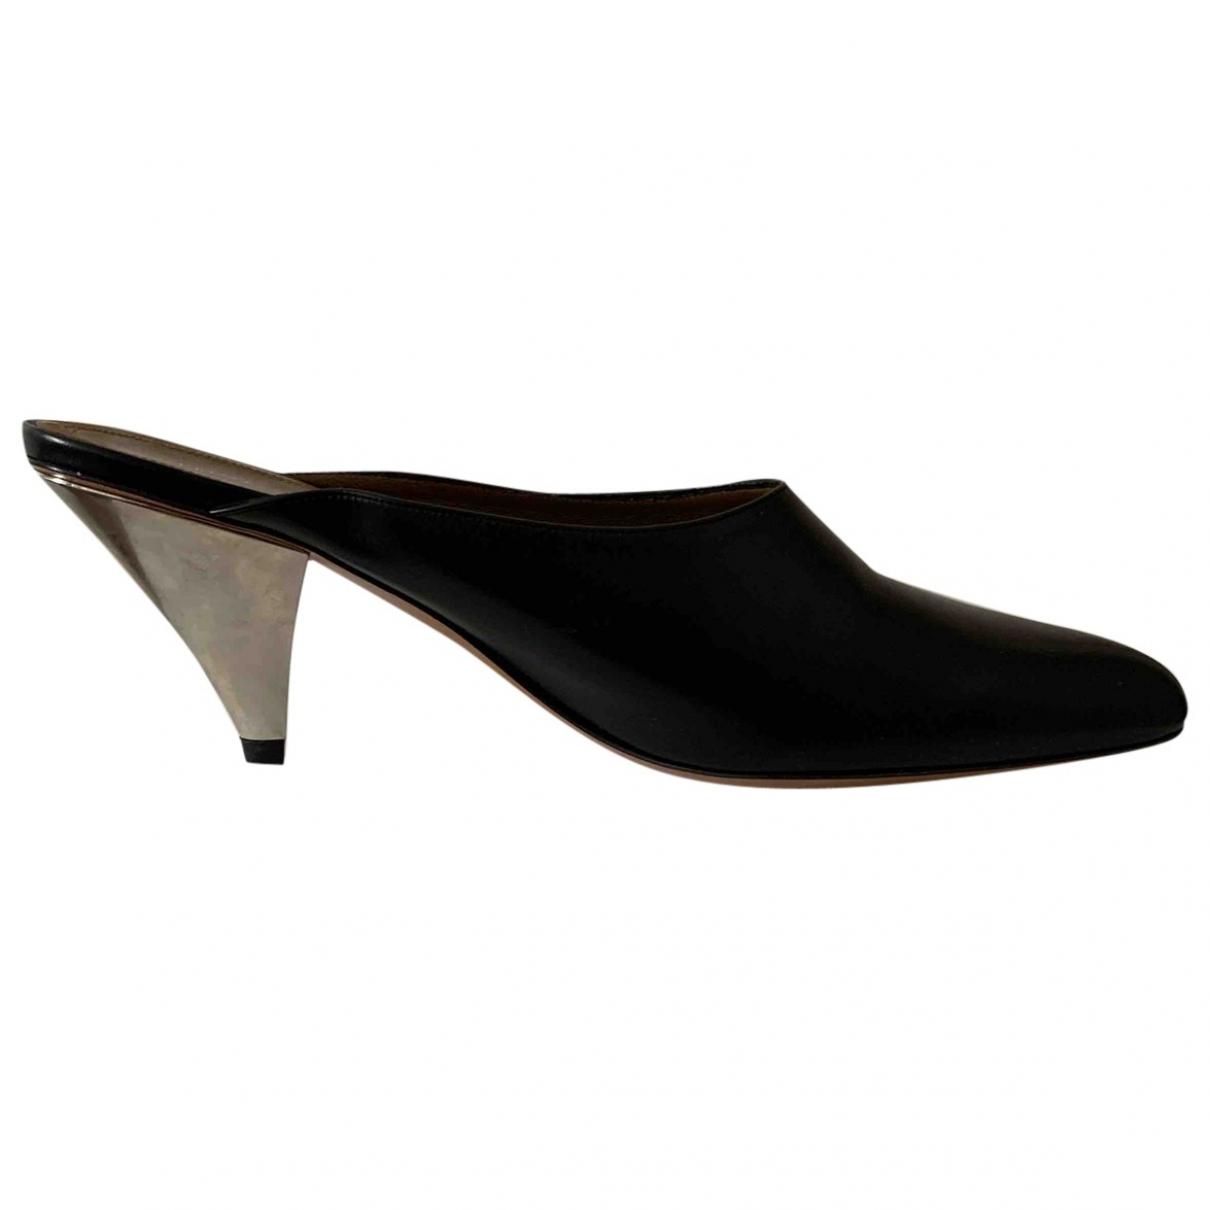 Celine - Sabots   pour femme en cuir - noir